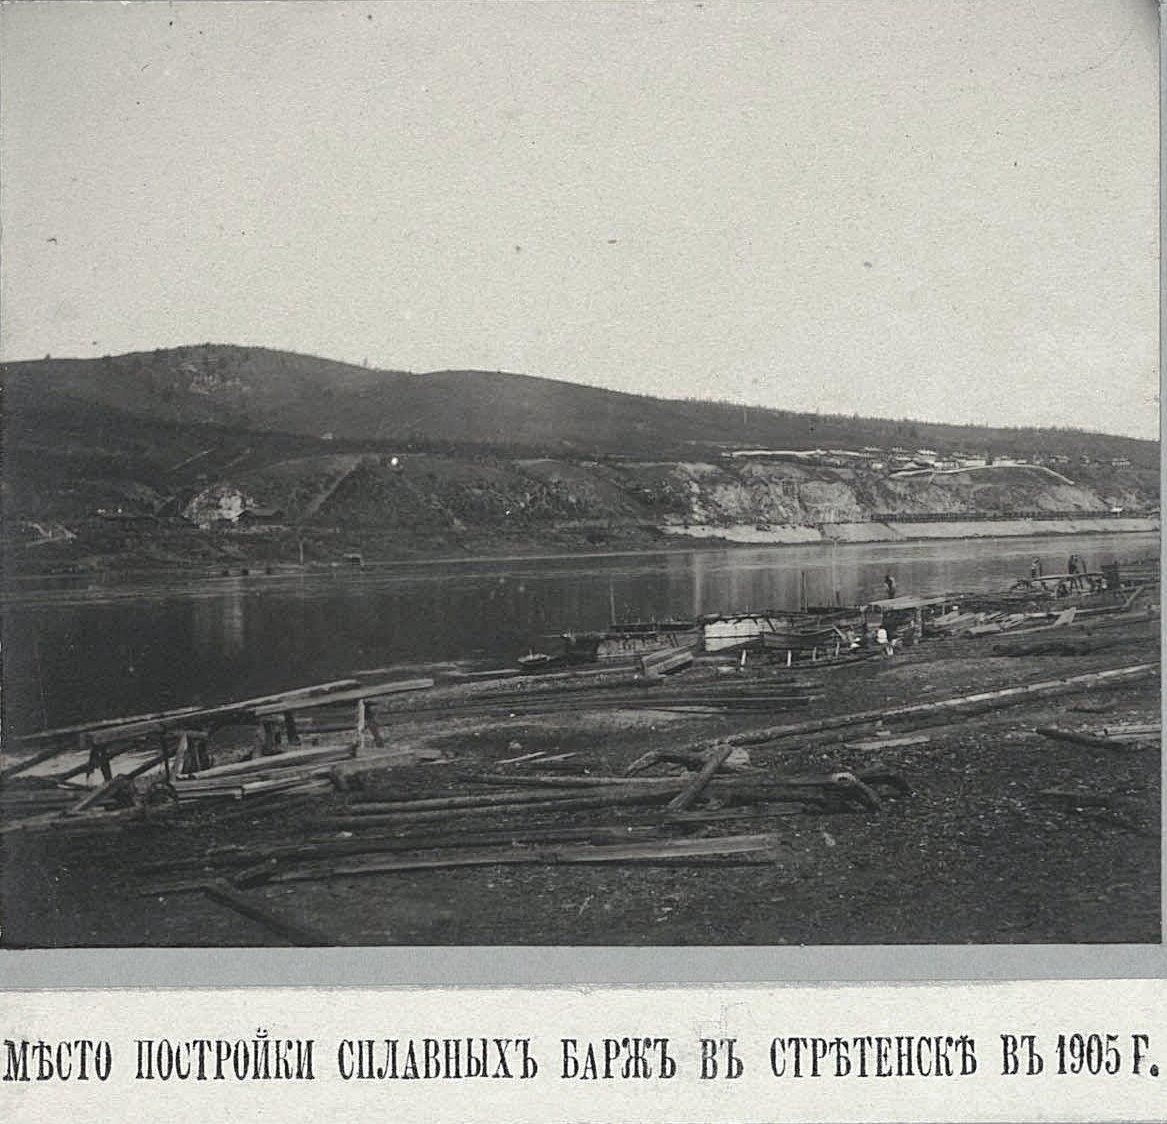 137. Место постройки сплавных барж в Сретенске в 1905 г.